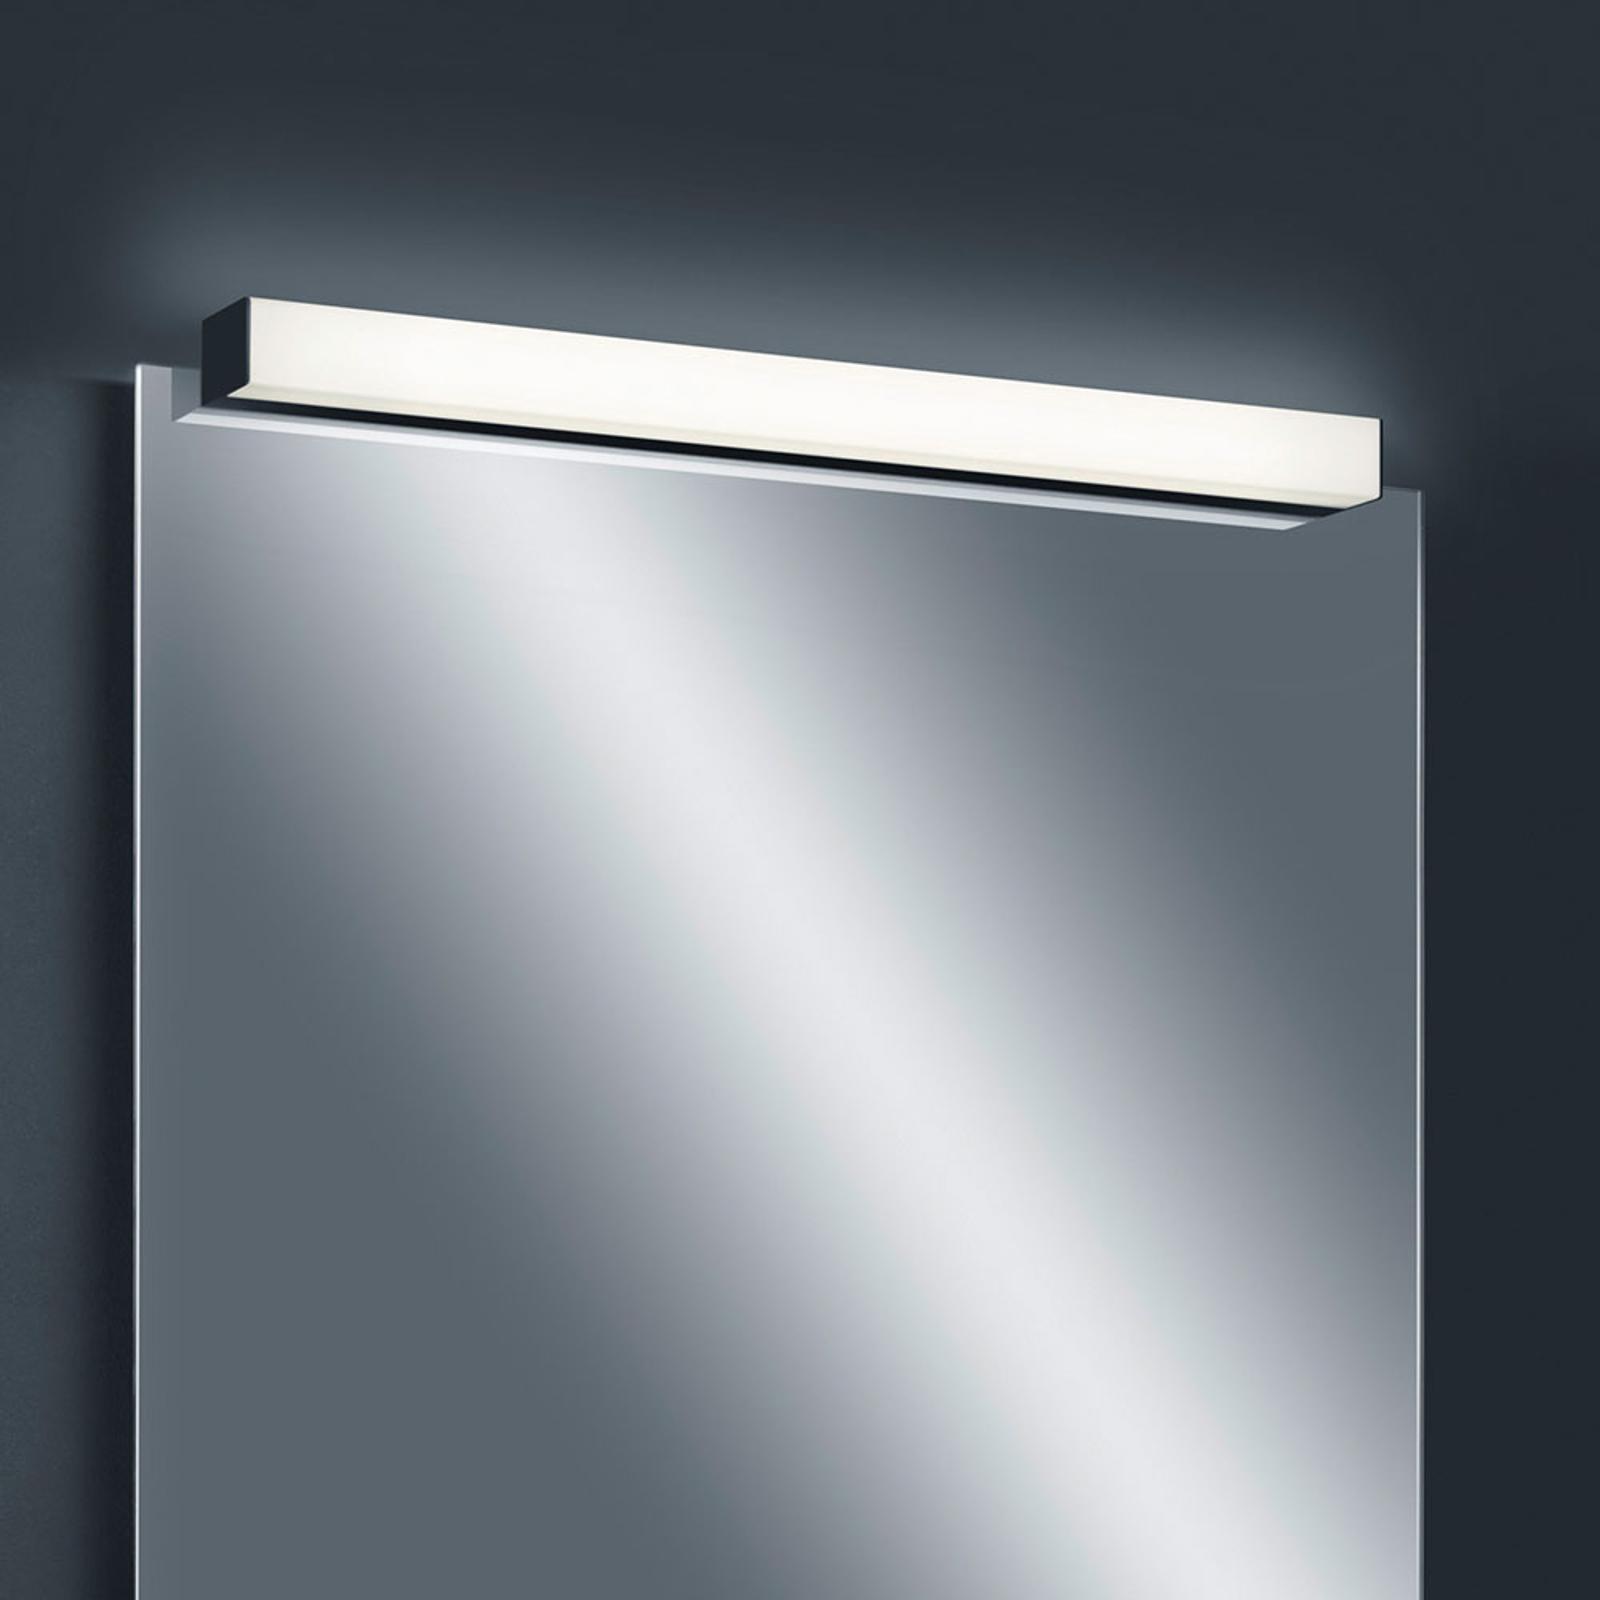 Helestra Lado LED-Spiegellampe schwarz 120 cm günstig online kaufen